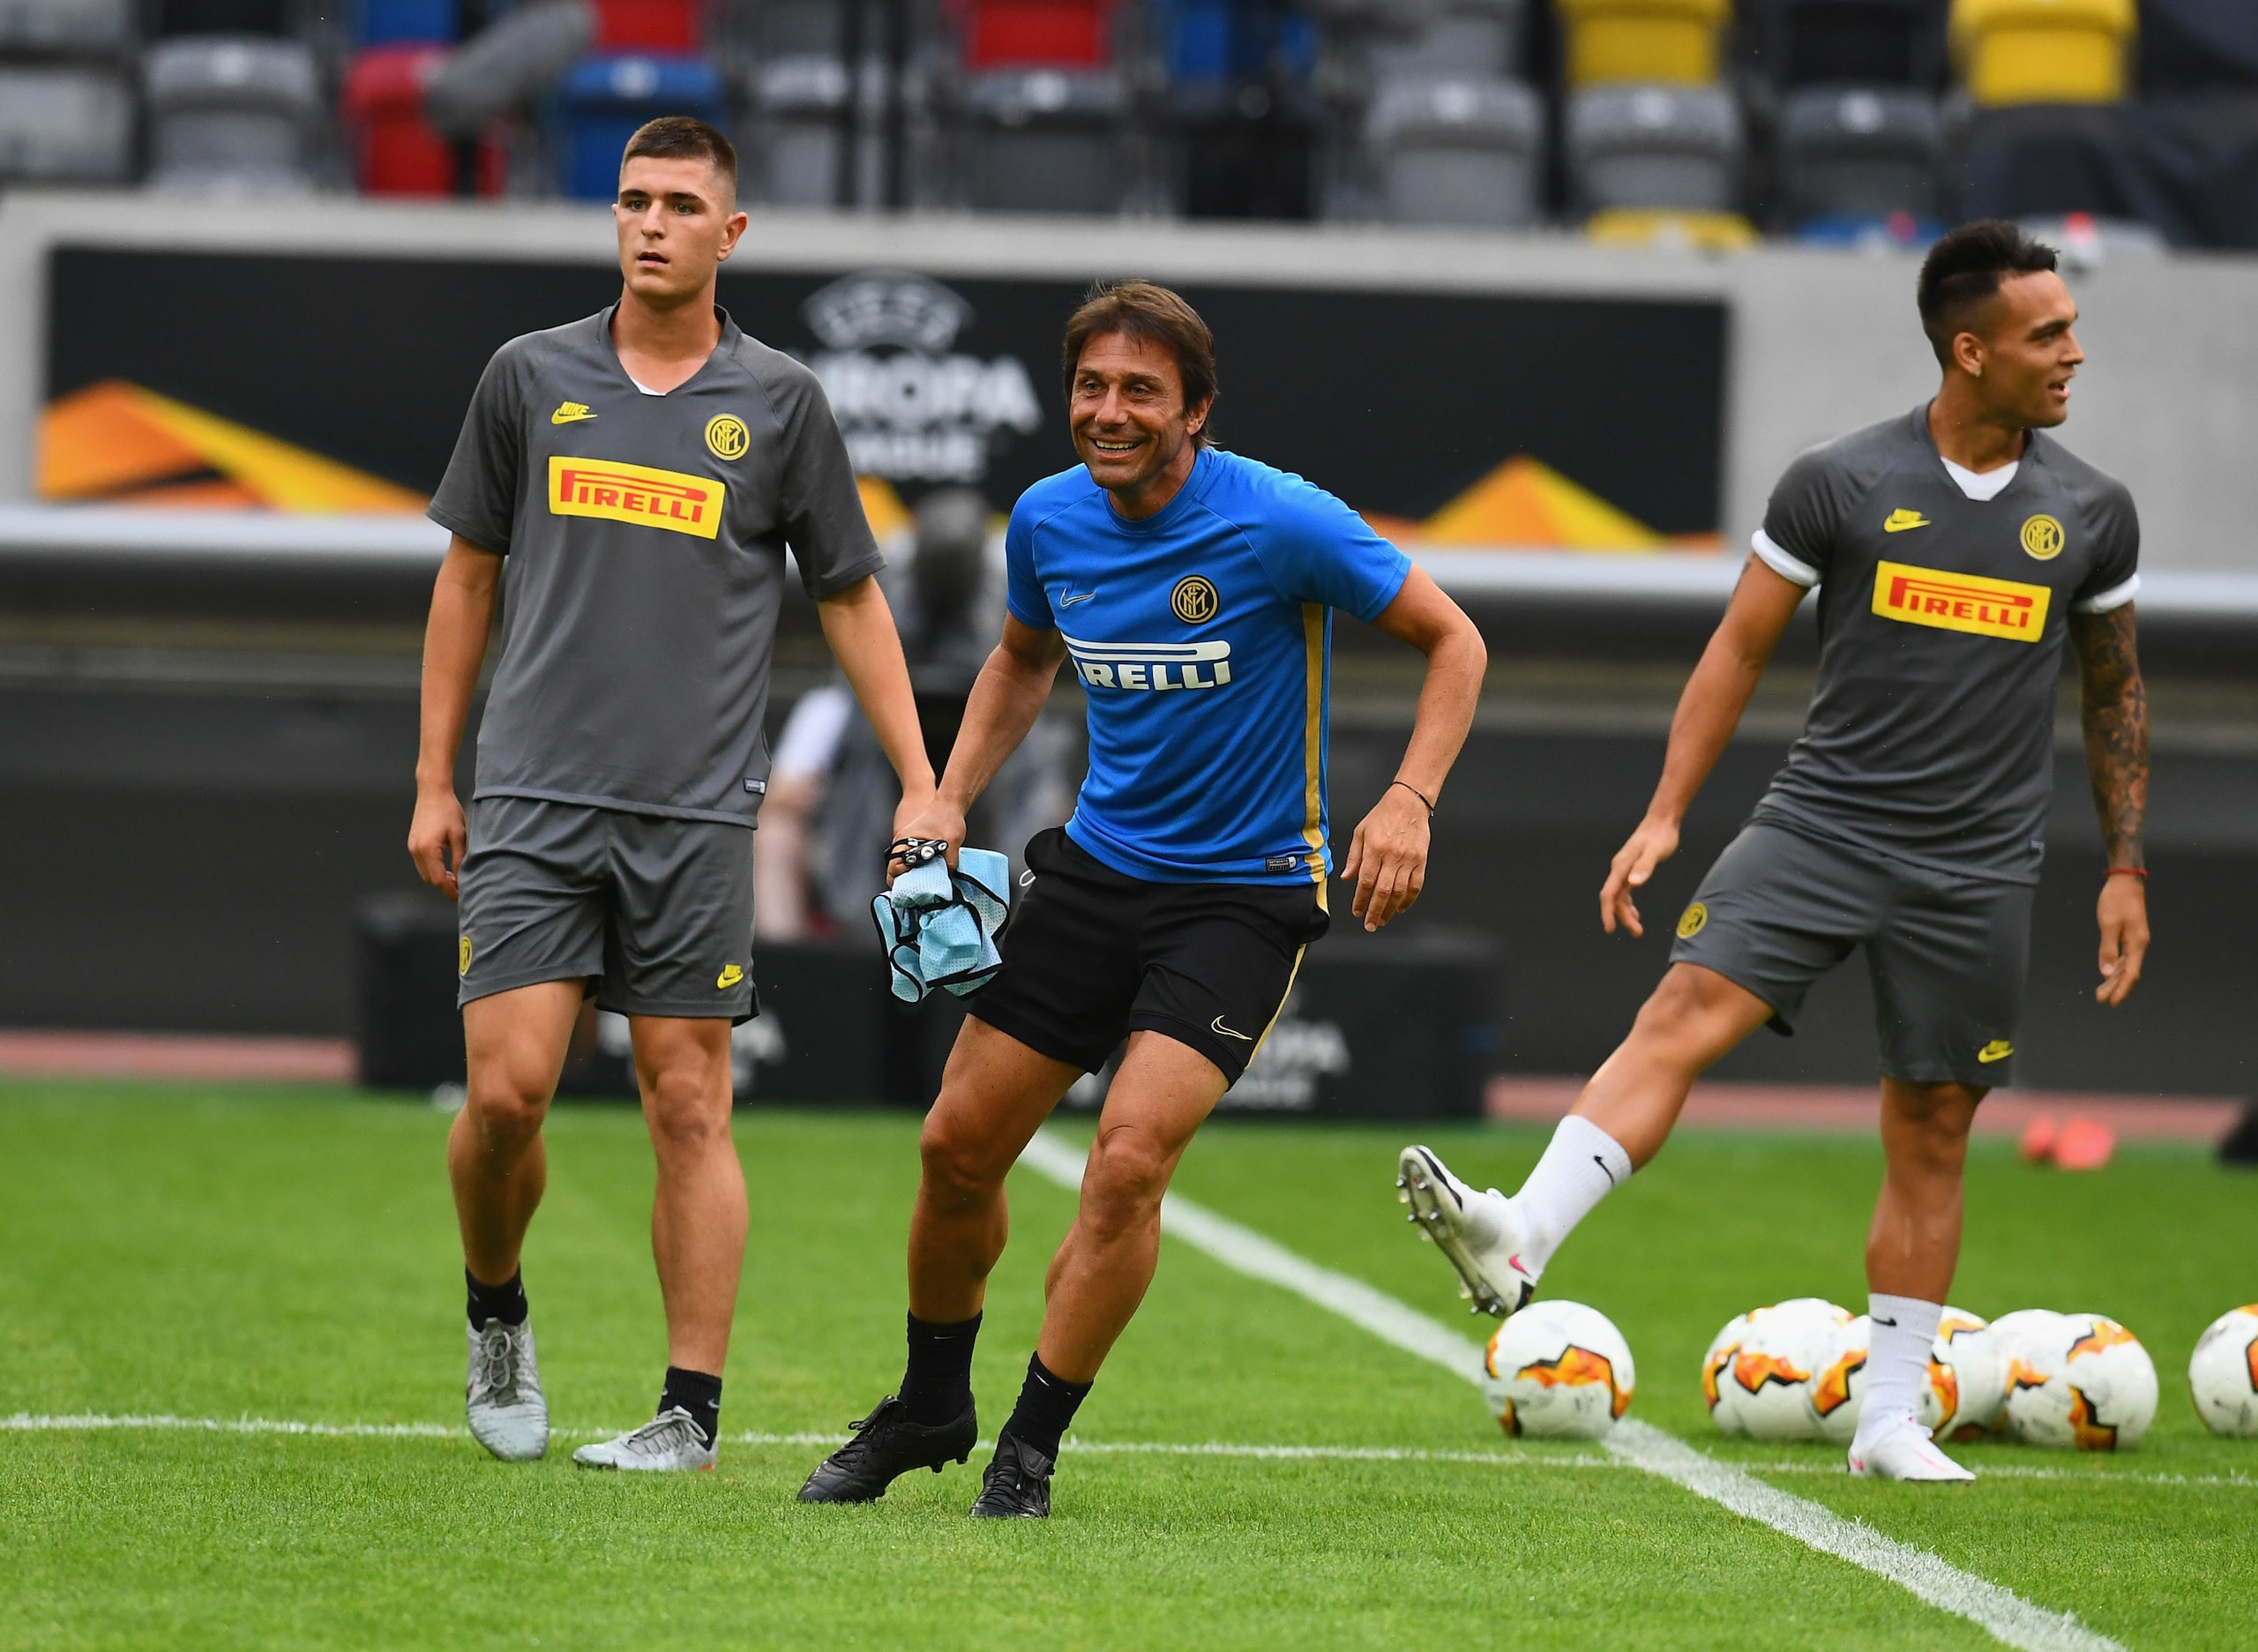 L'Inter sfida il Leverkusen. Atletico-Lipsia, si gioca come previsto